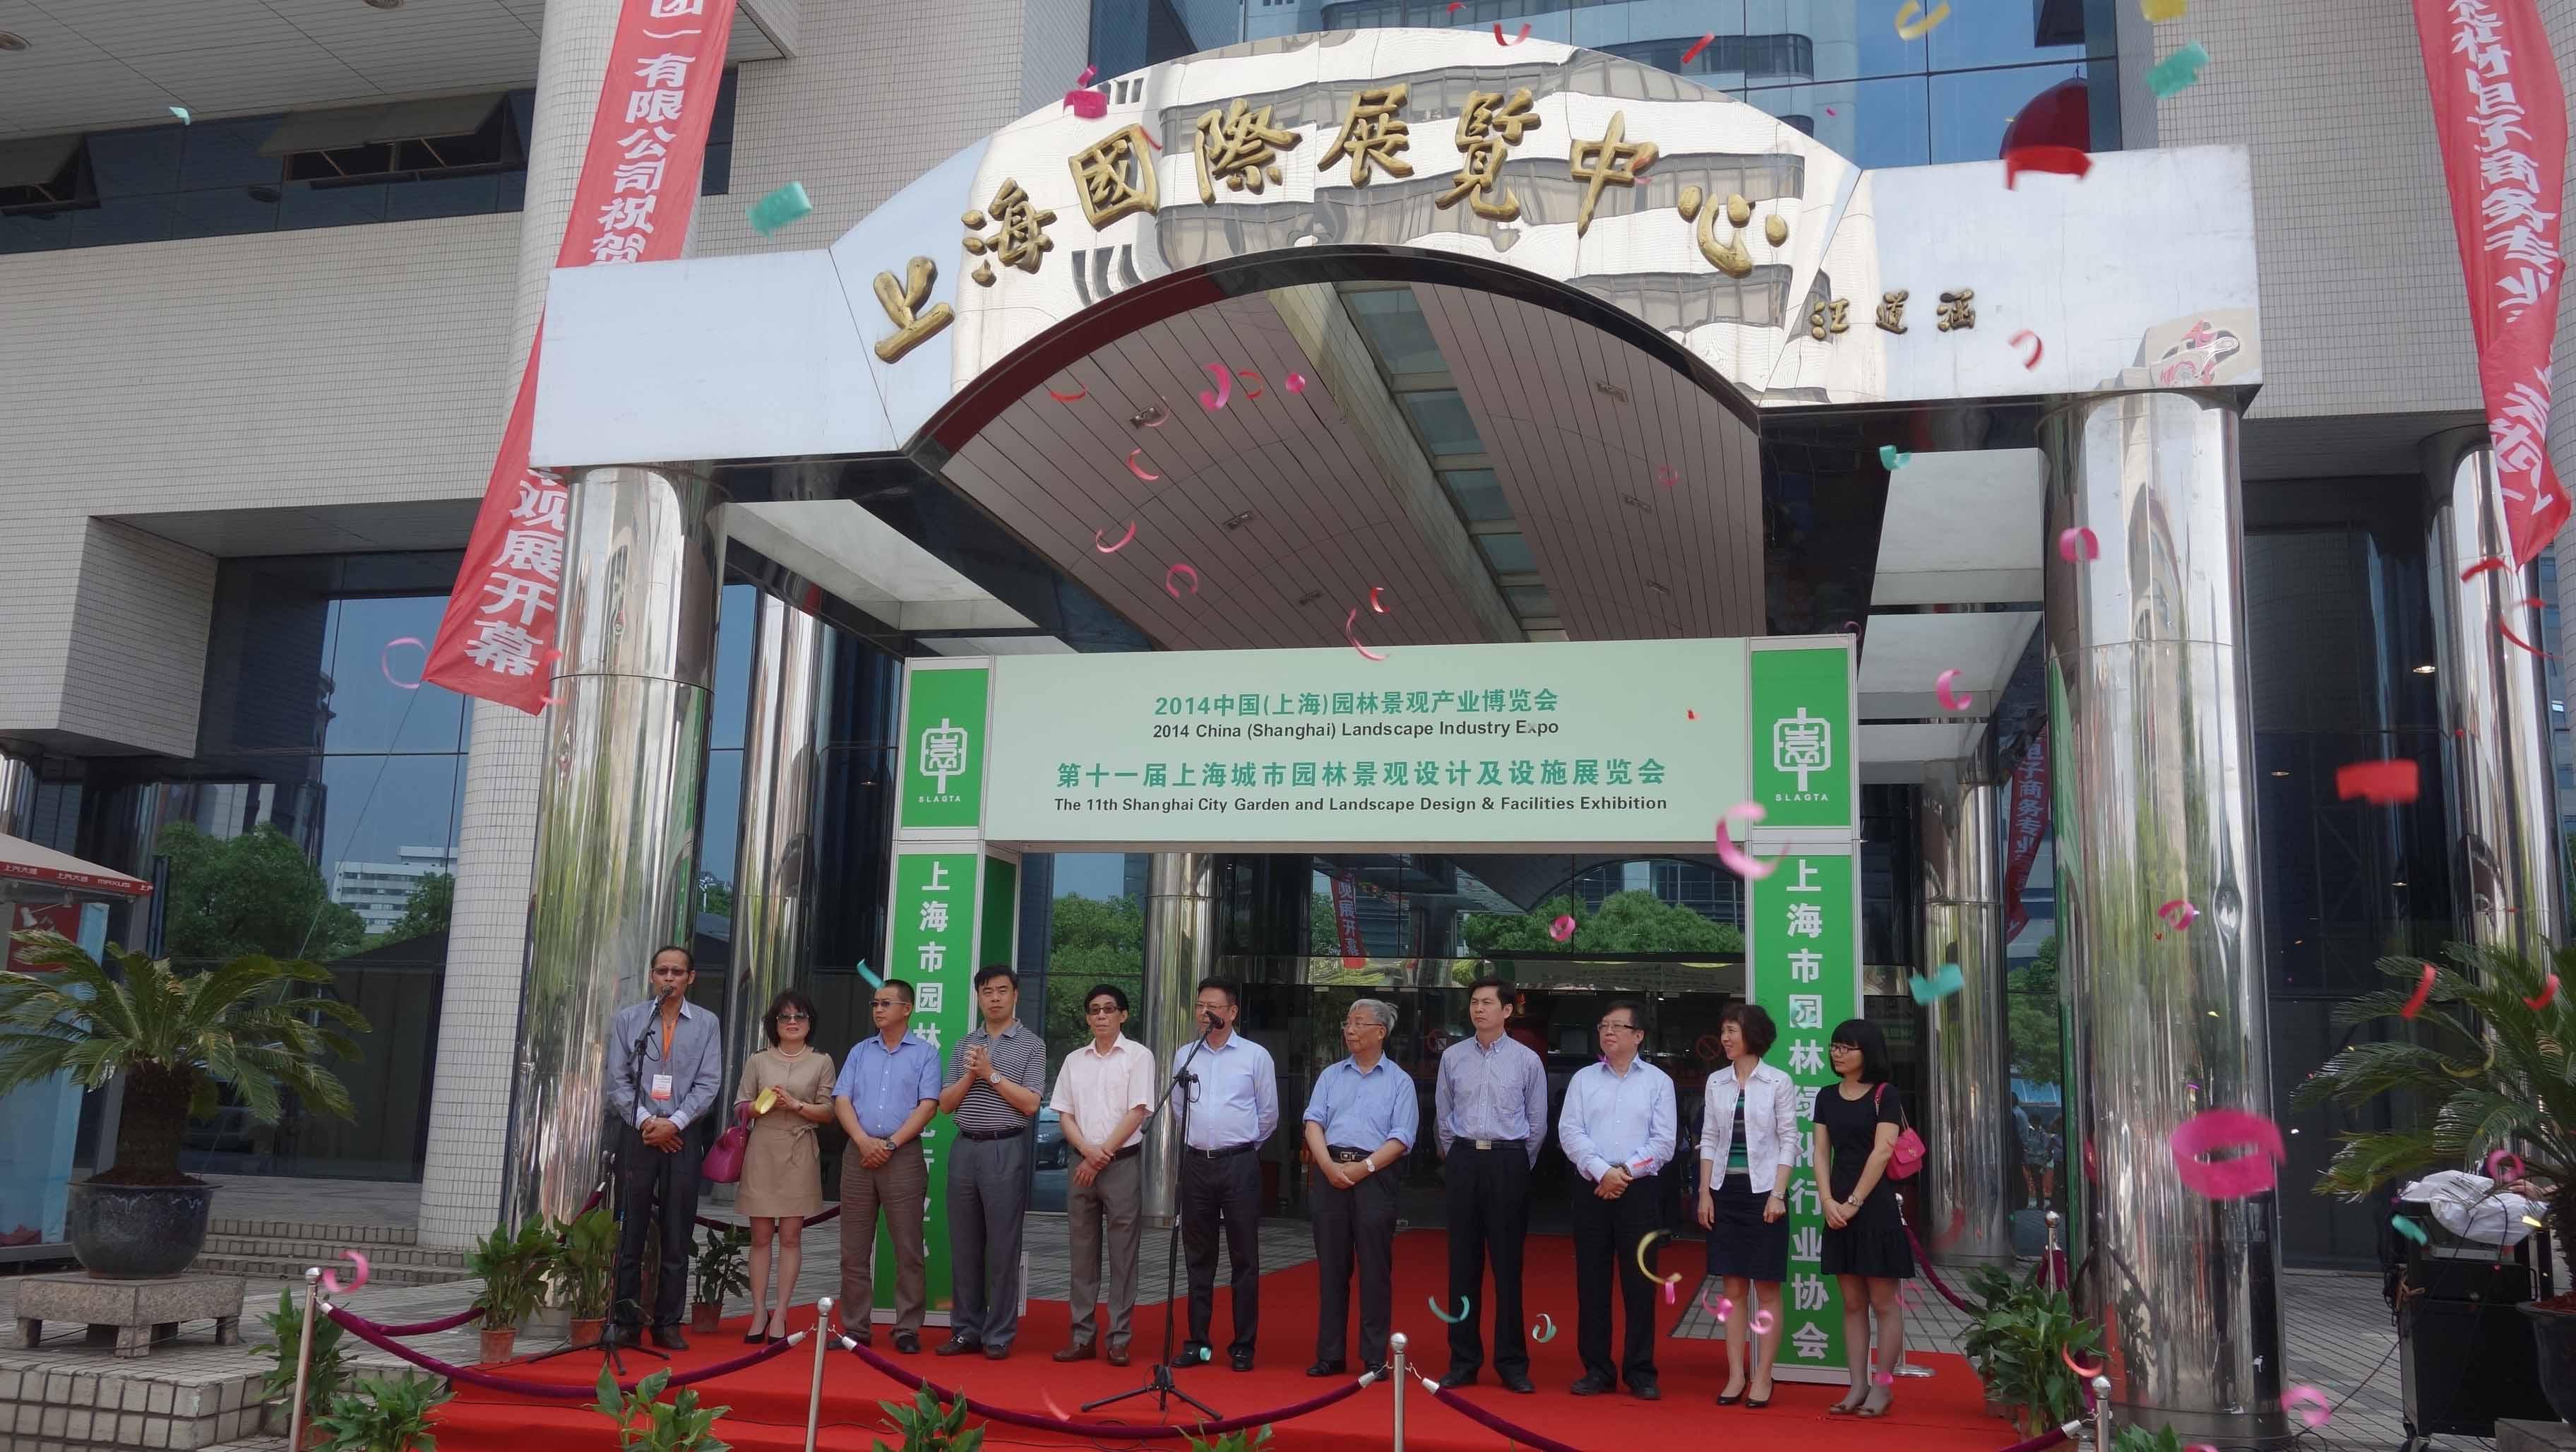 我司参加第十一届上海(国际)城市园林景观绿化设计及设施展览会